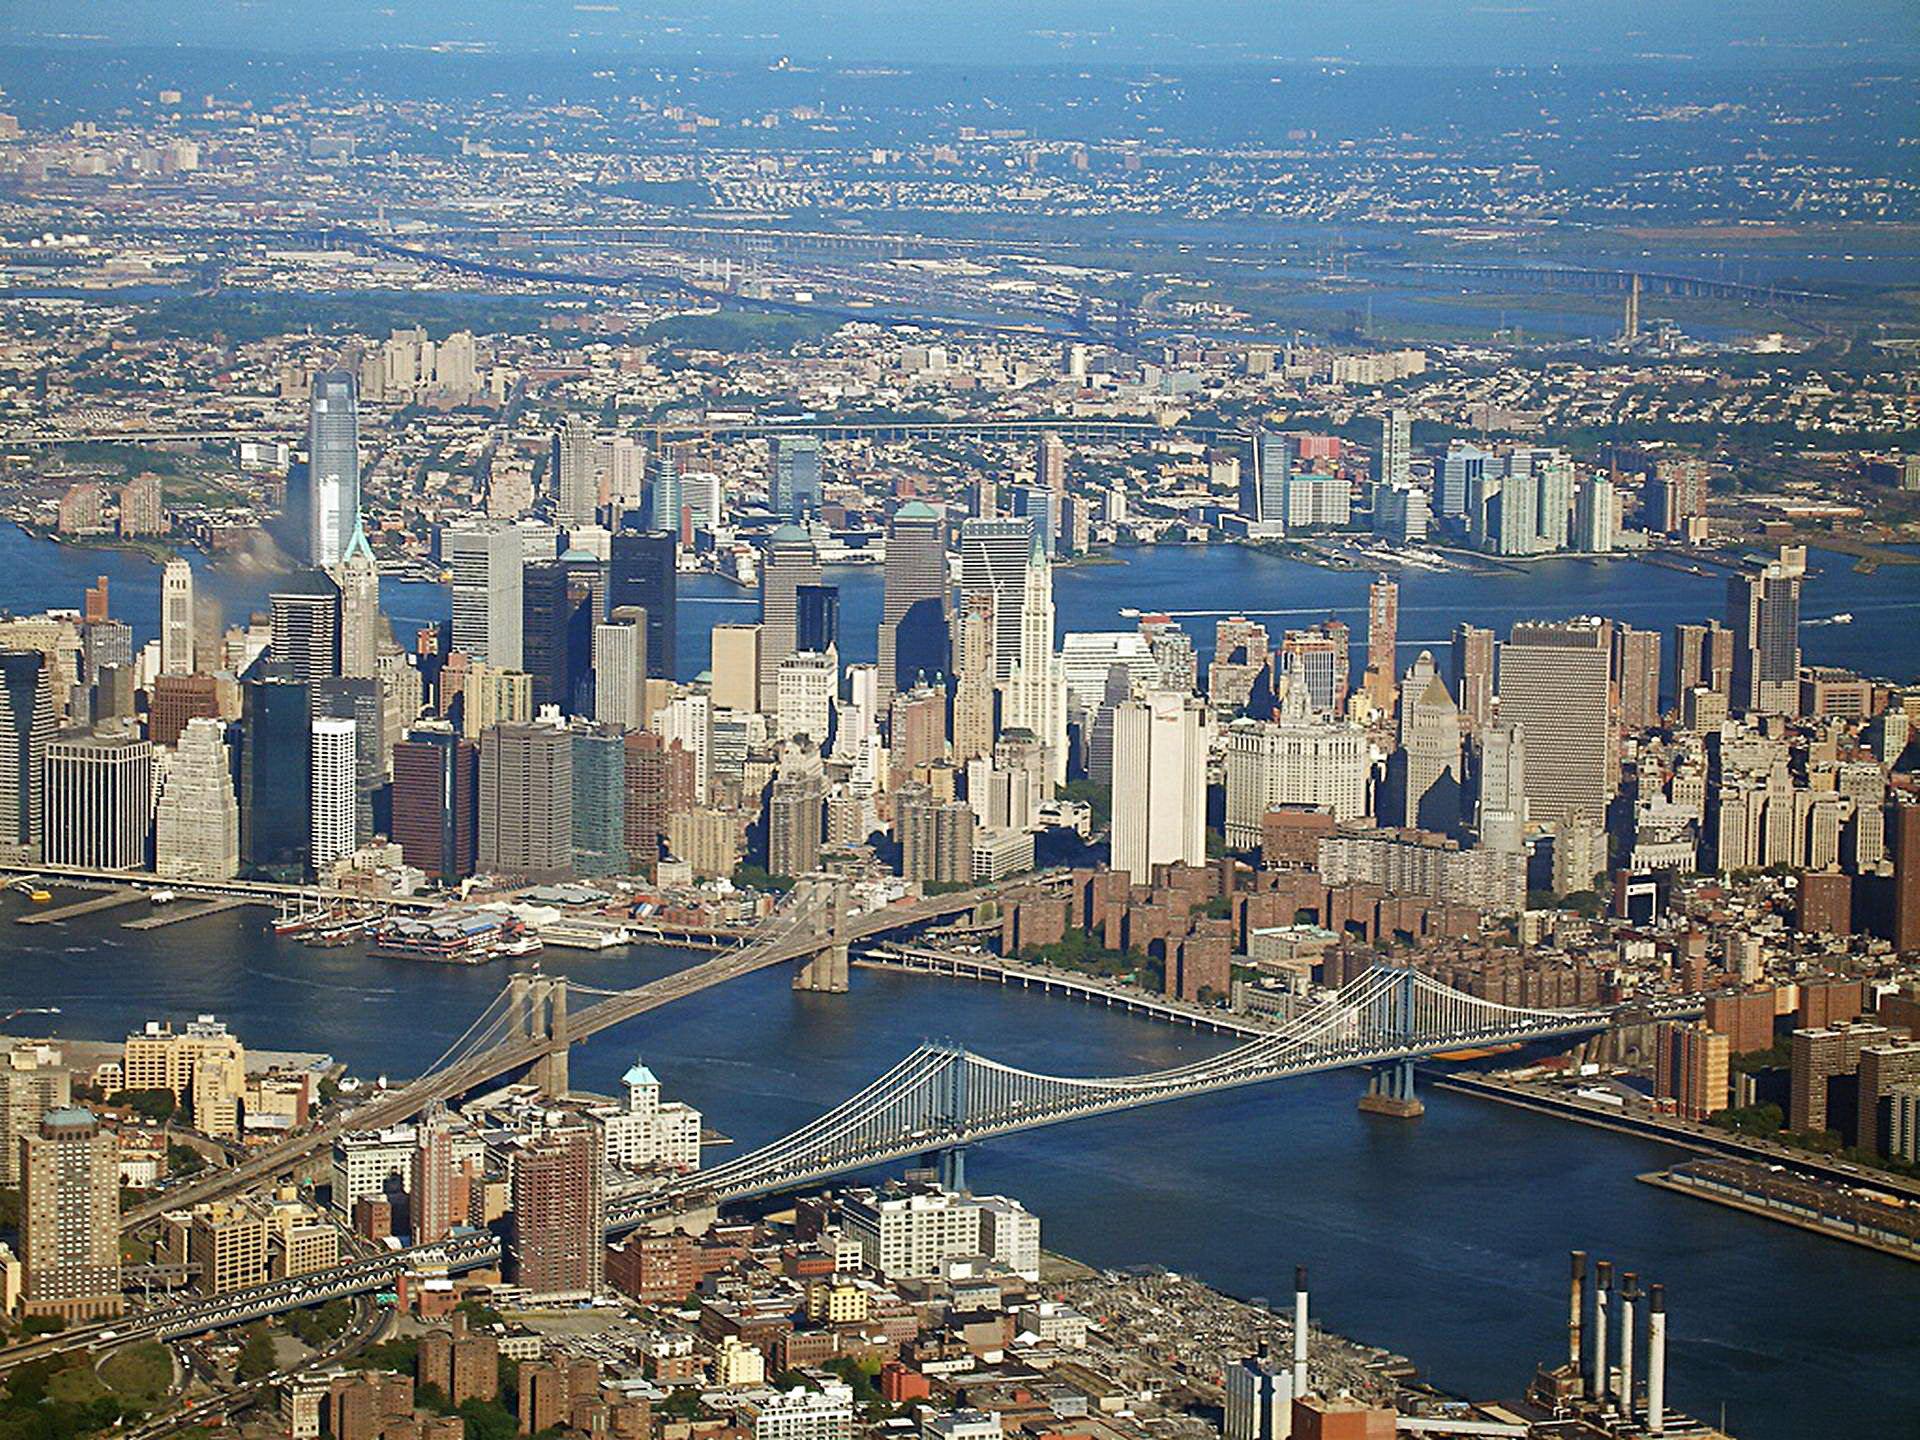 22737 скачать обои Пейзаж, Города, Река, Мосты, Архитектура - заставки и картинки бесплатно